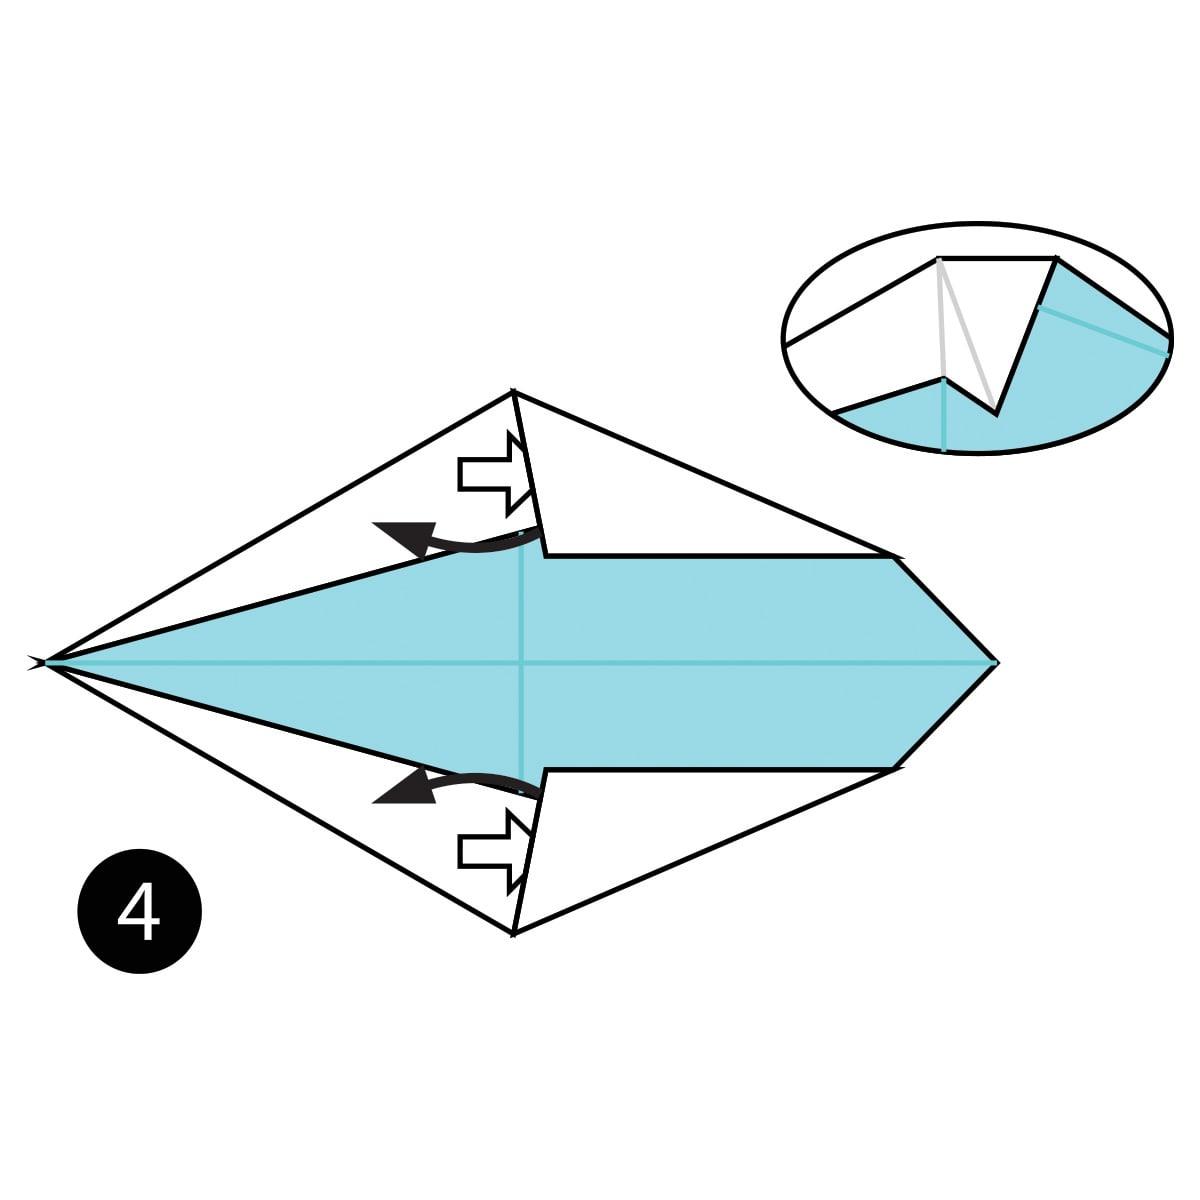 Blowfish Step 4